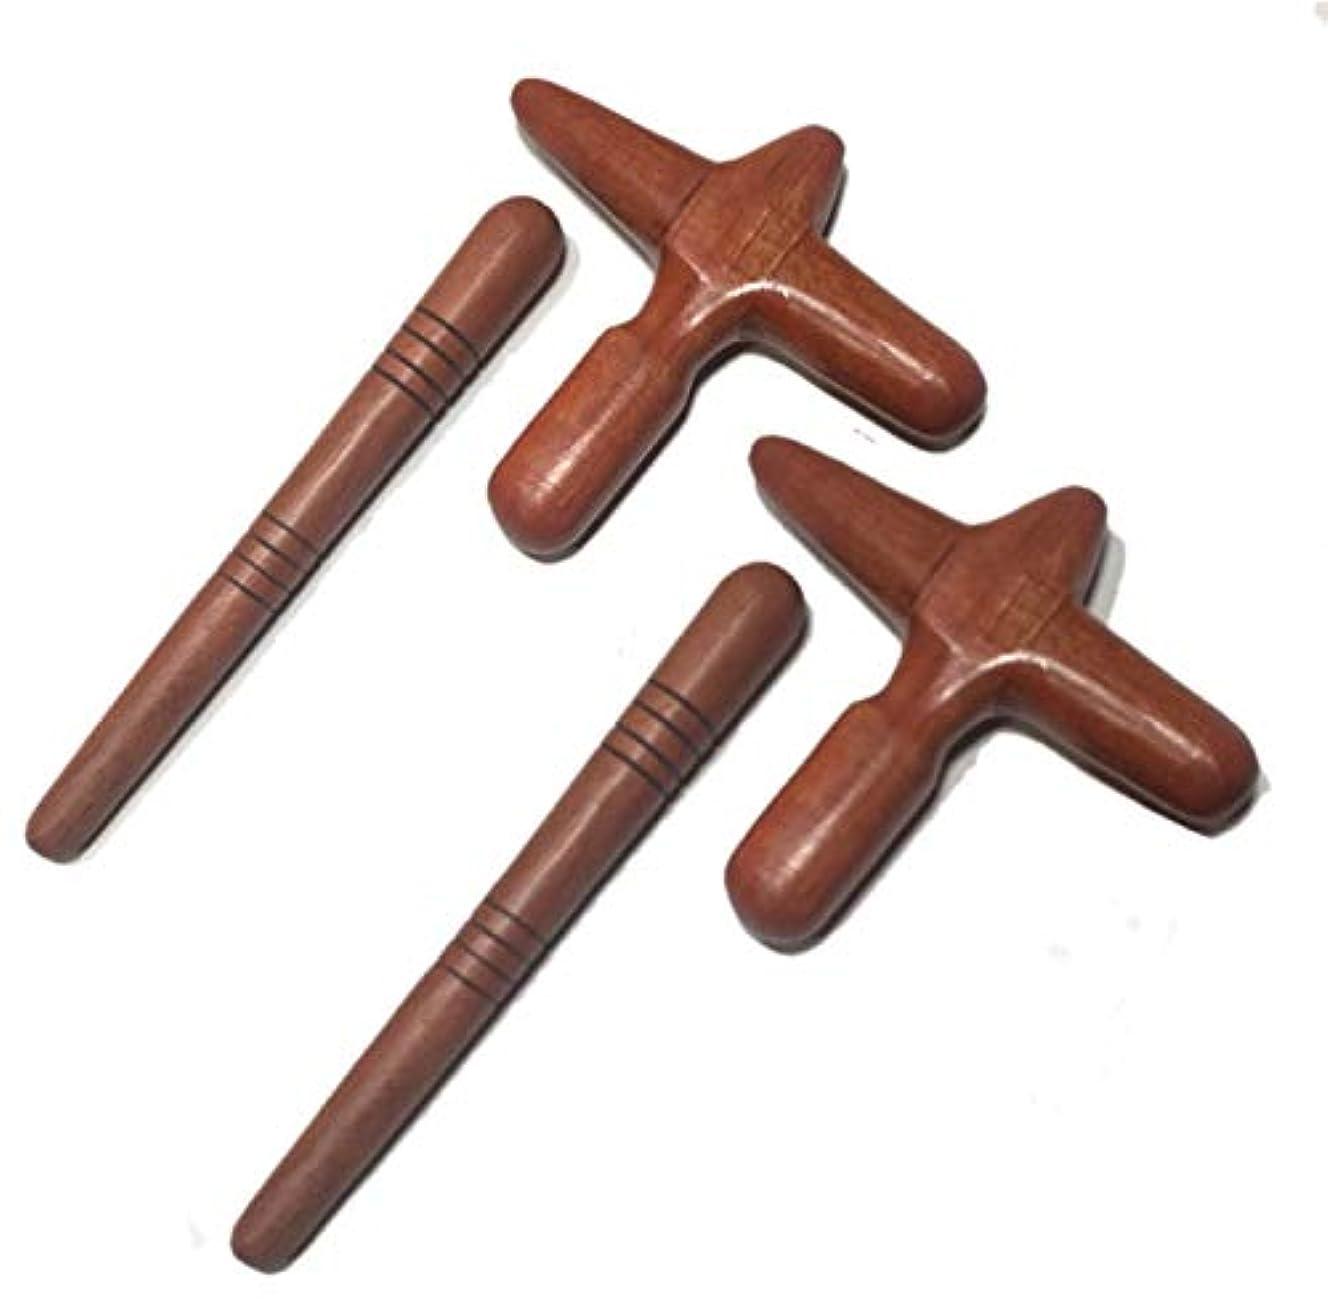 木製 ツボ押し棒 2種類×2セット マッサージ棒 フットマッサージ棒 (2)